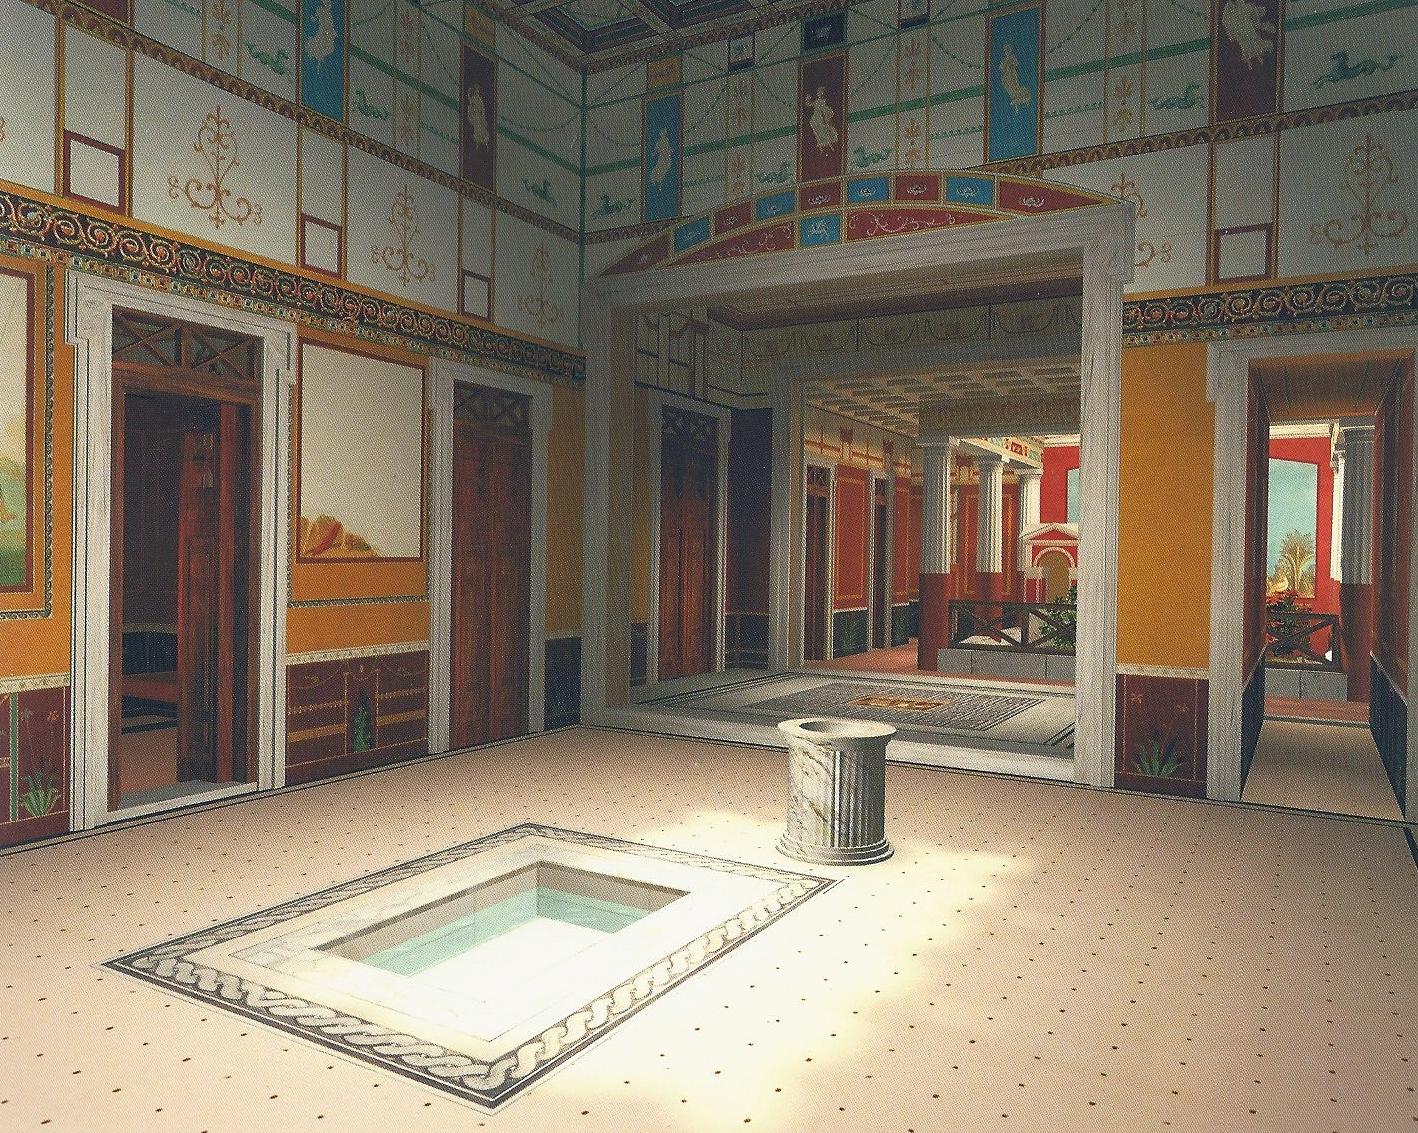 Atrium of Domus Romana